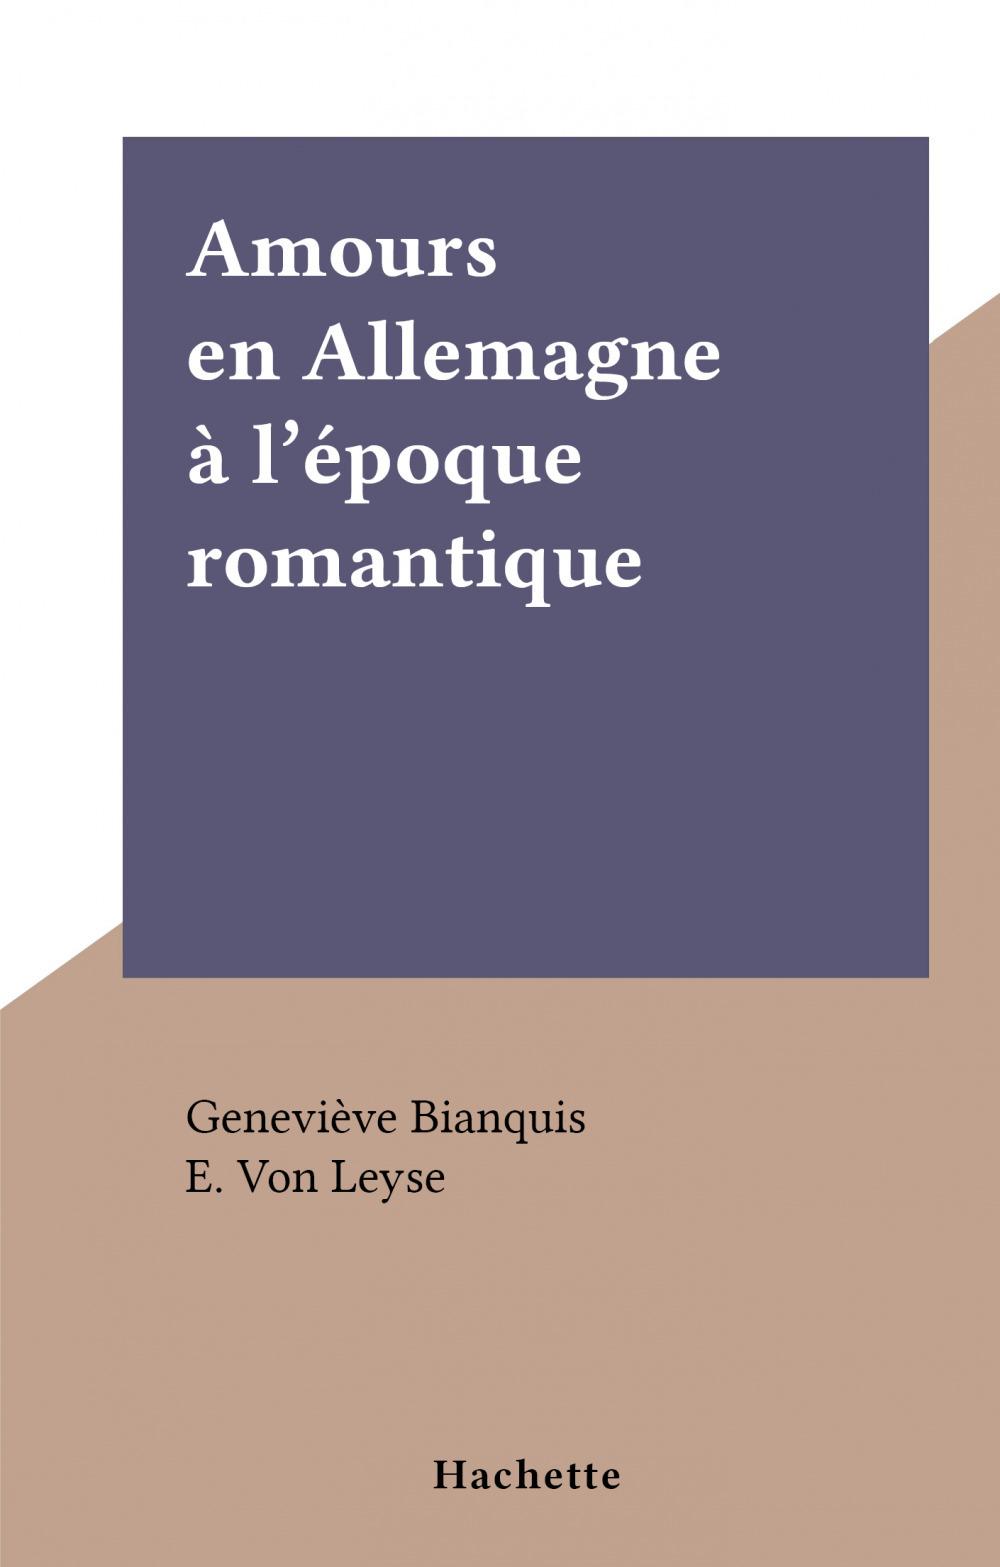 Amours en Allemagne à l'époque romantique  - Geneviève Bianquis